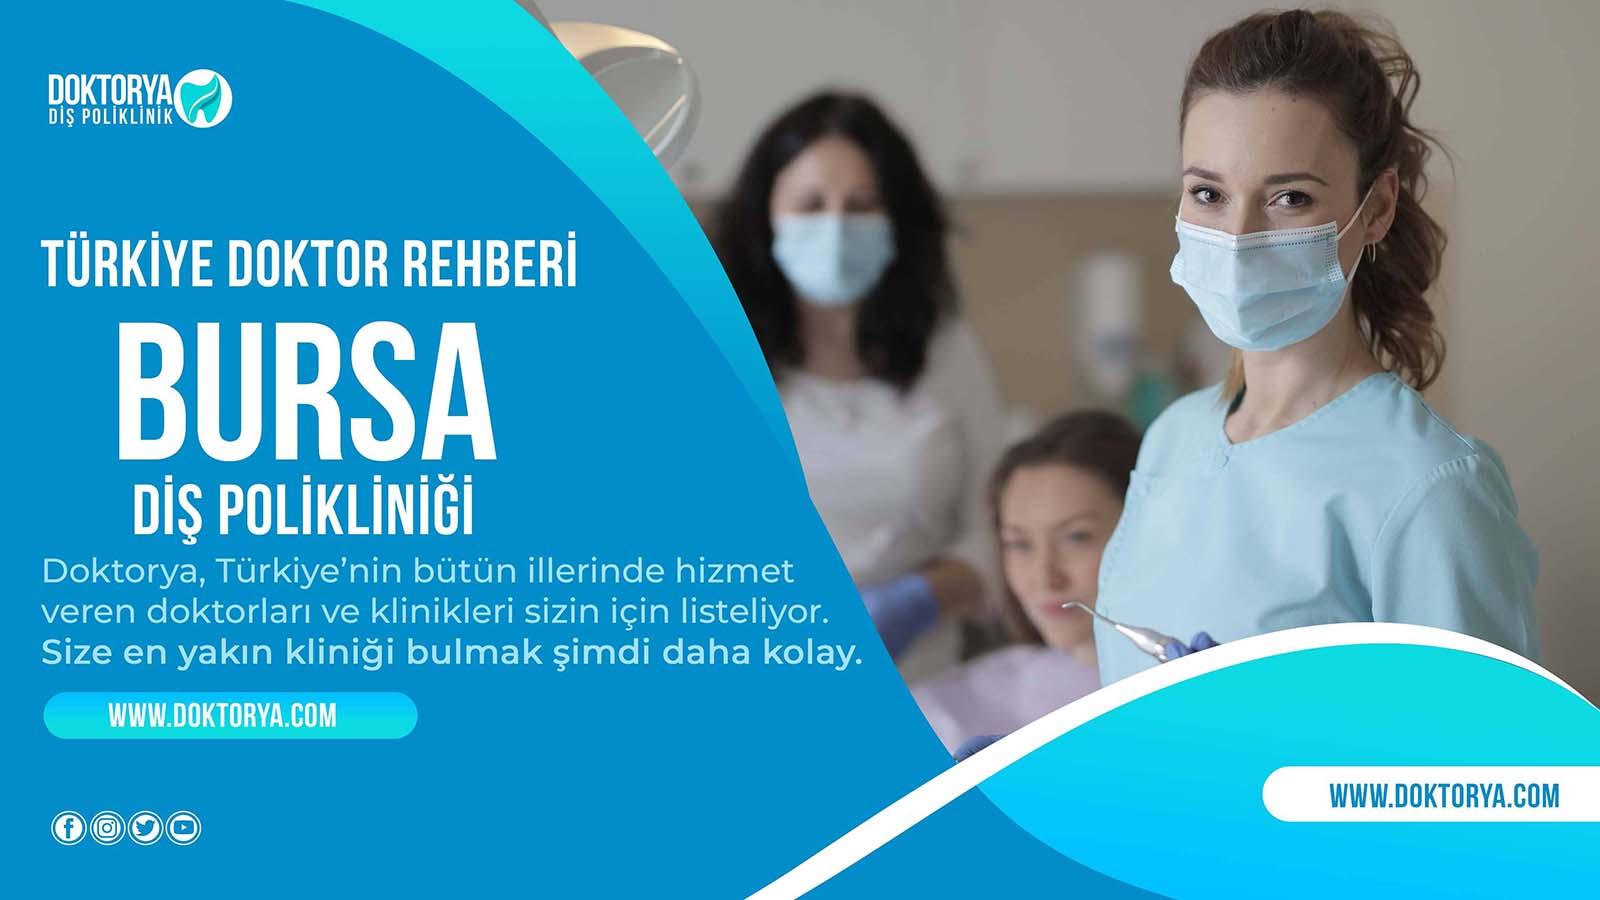 Bursa Diş Poliklinik